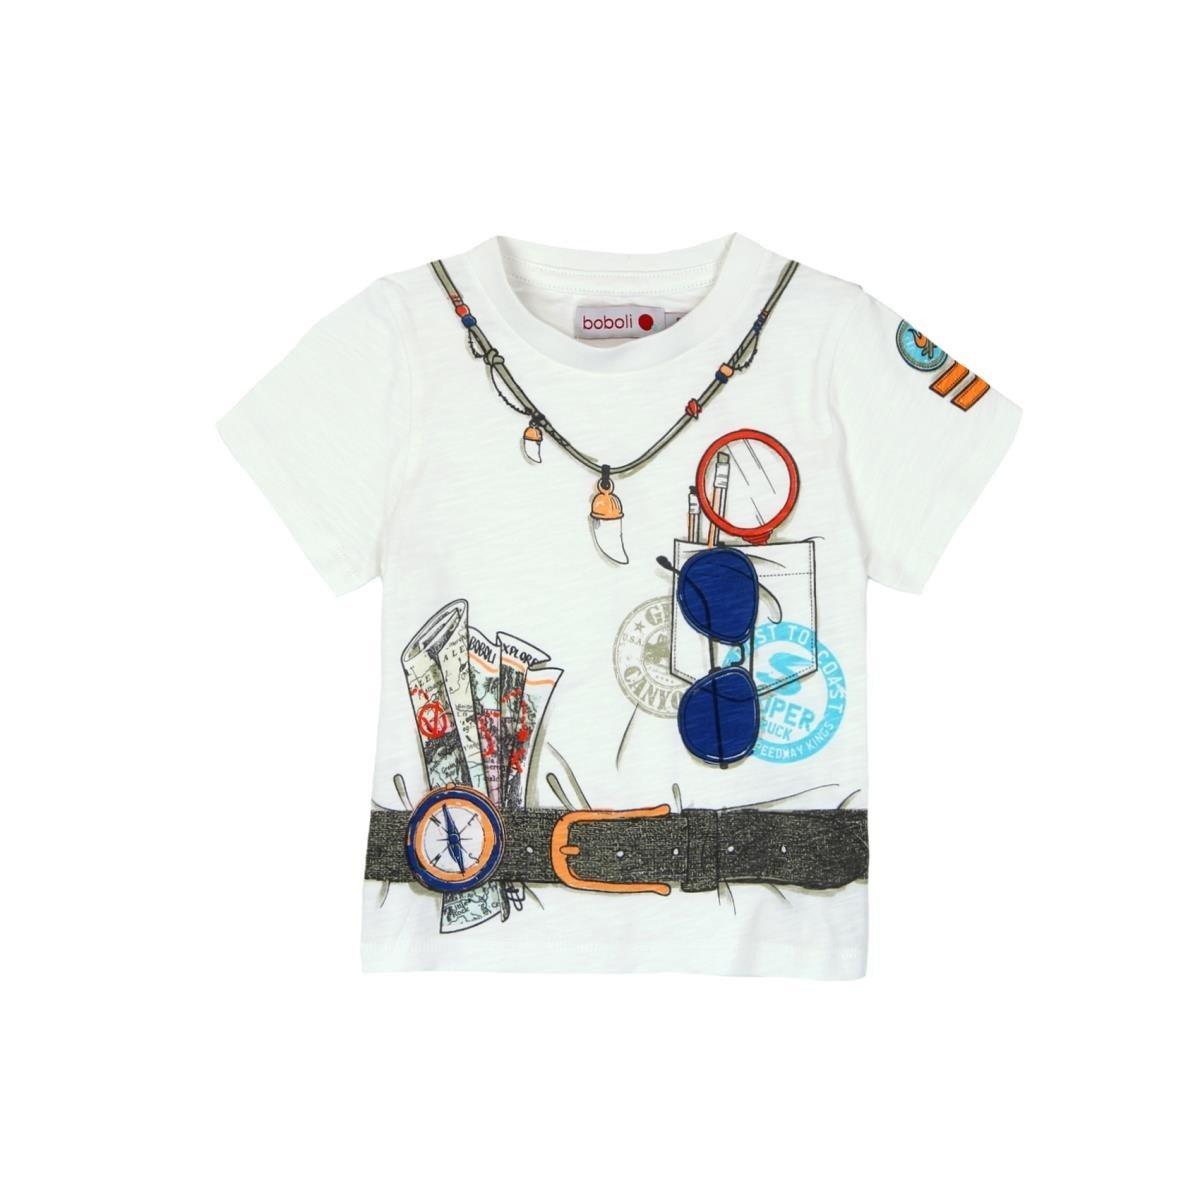 985caed3a boboli Boys' T-Shirt: Amazon.co.uk: Clothing